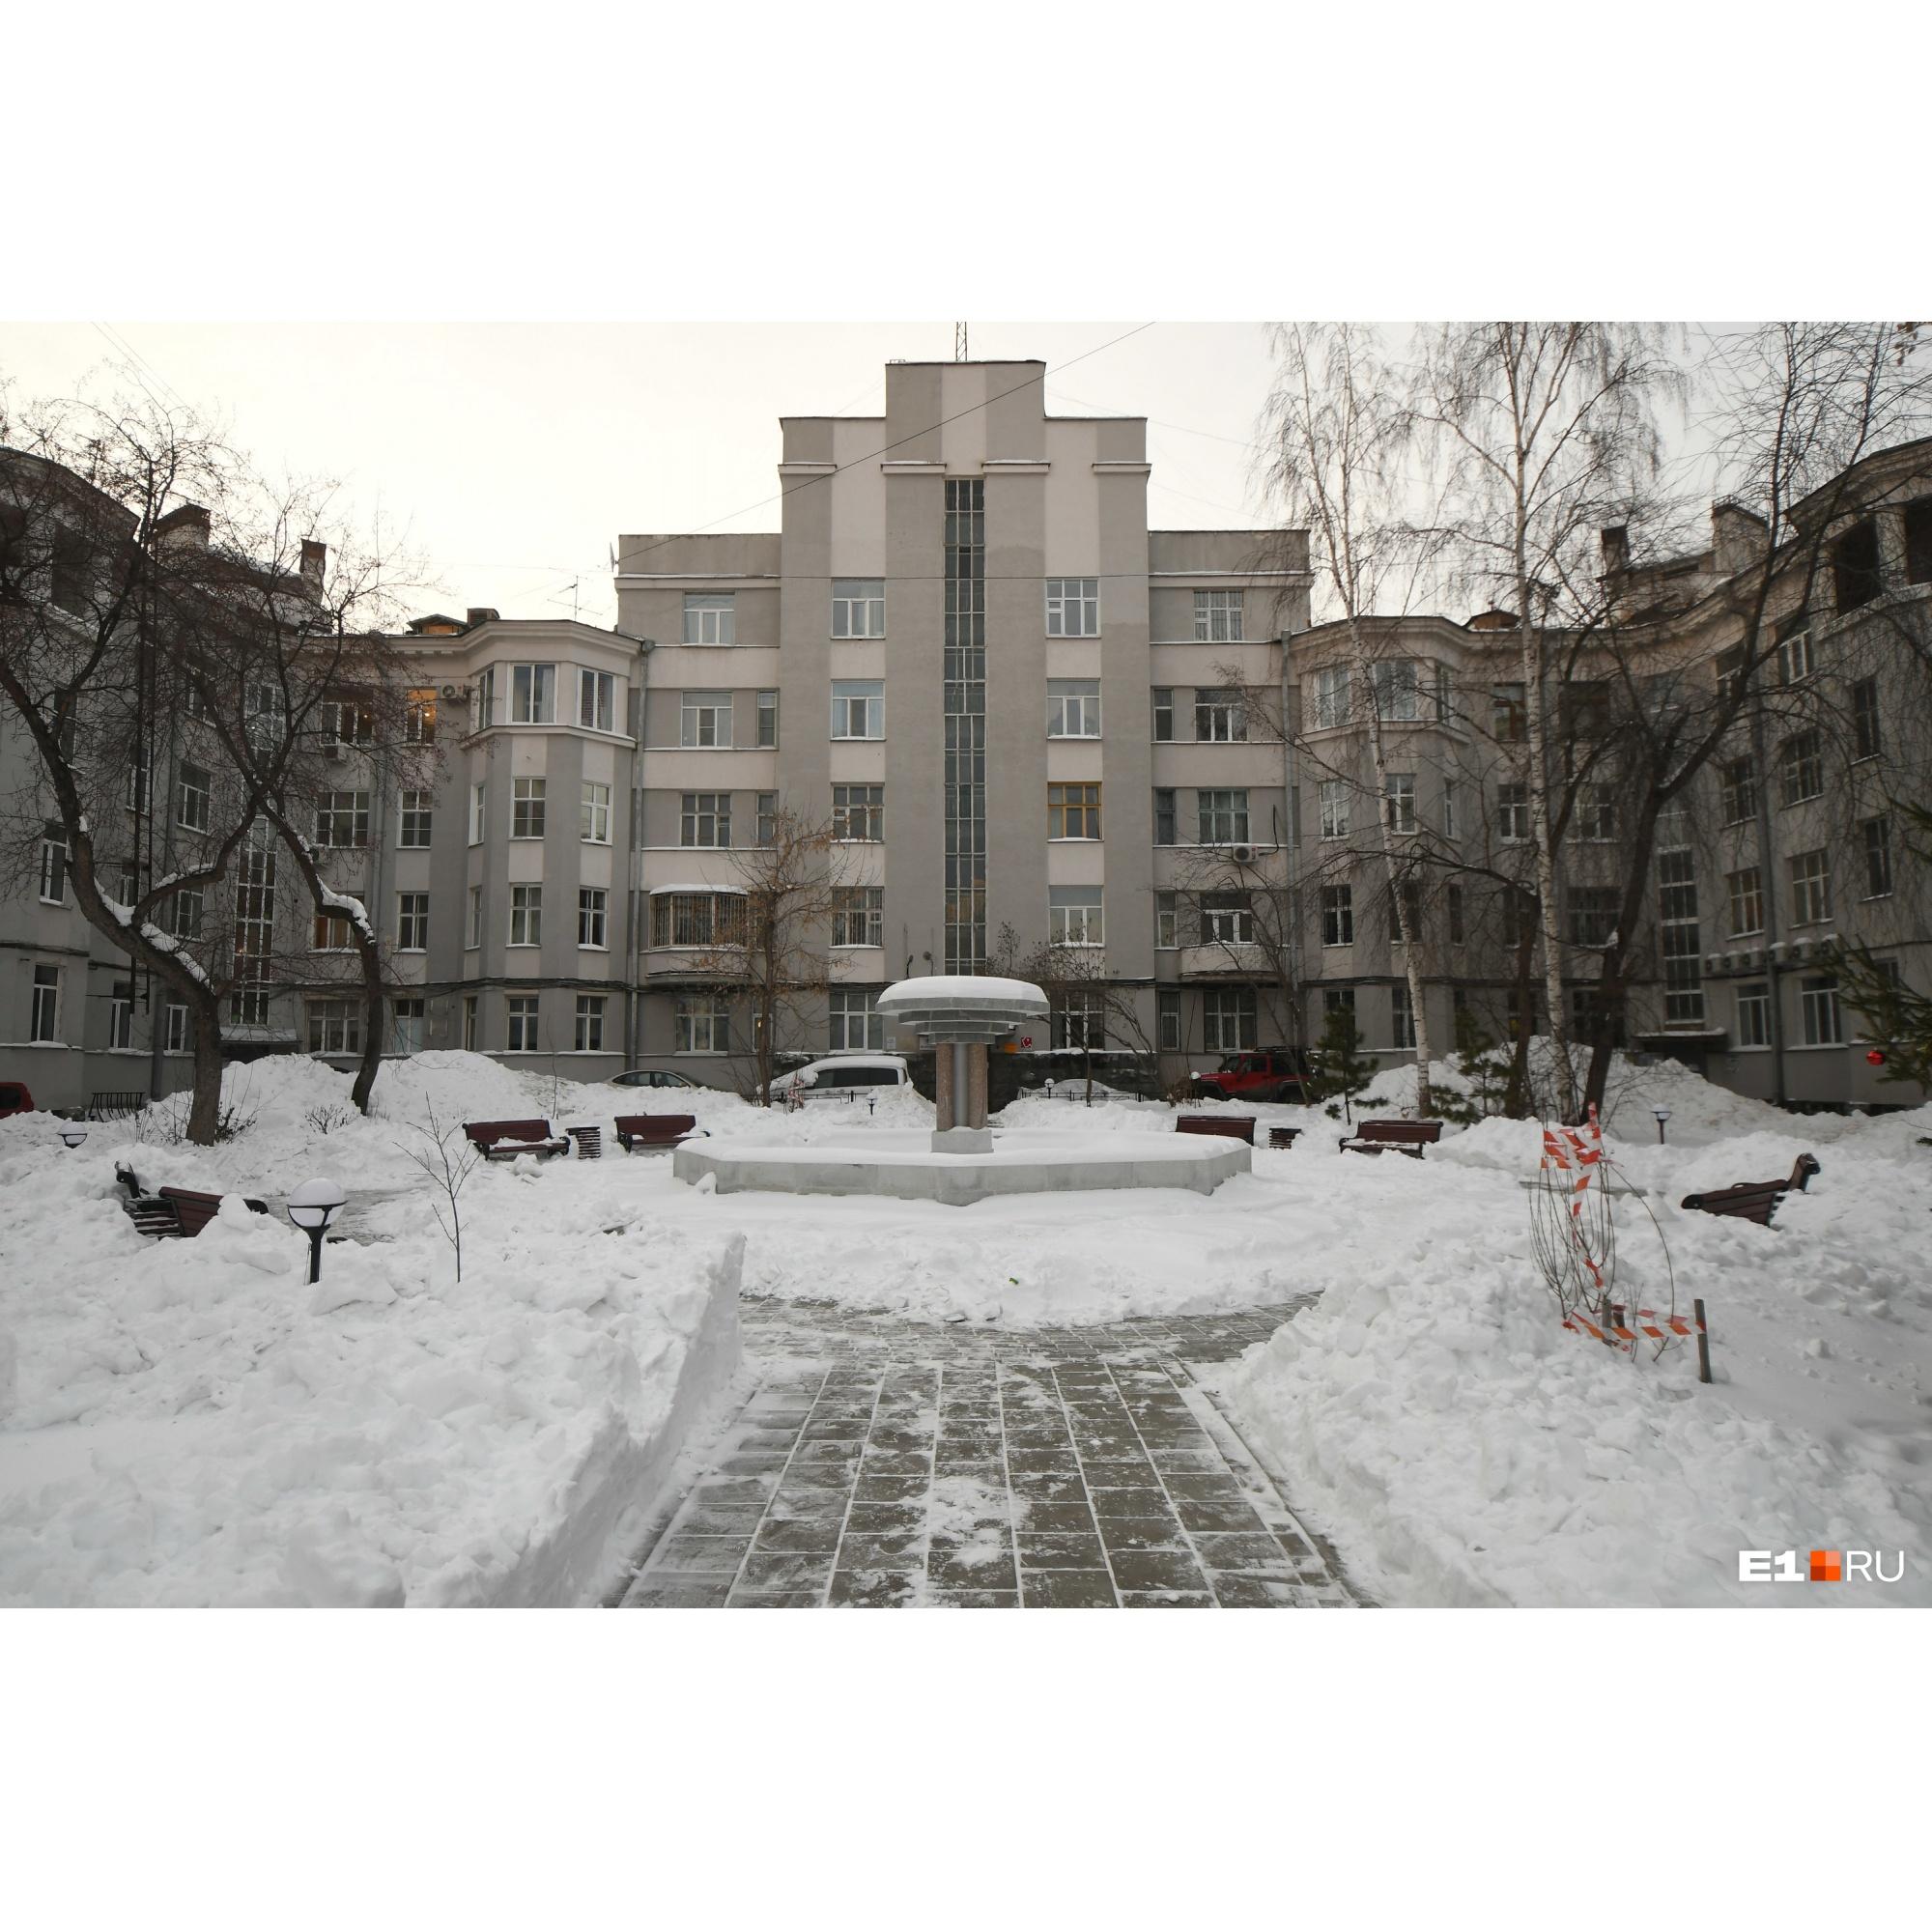 Второй дом Советов сейчас. В центре двора — когда-то работавший фонтан